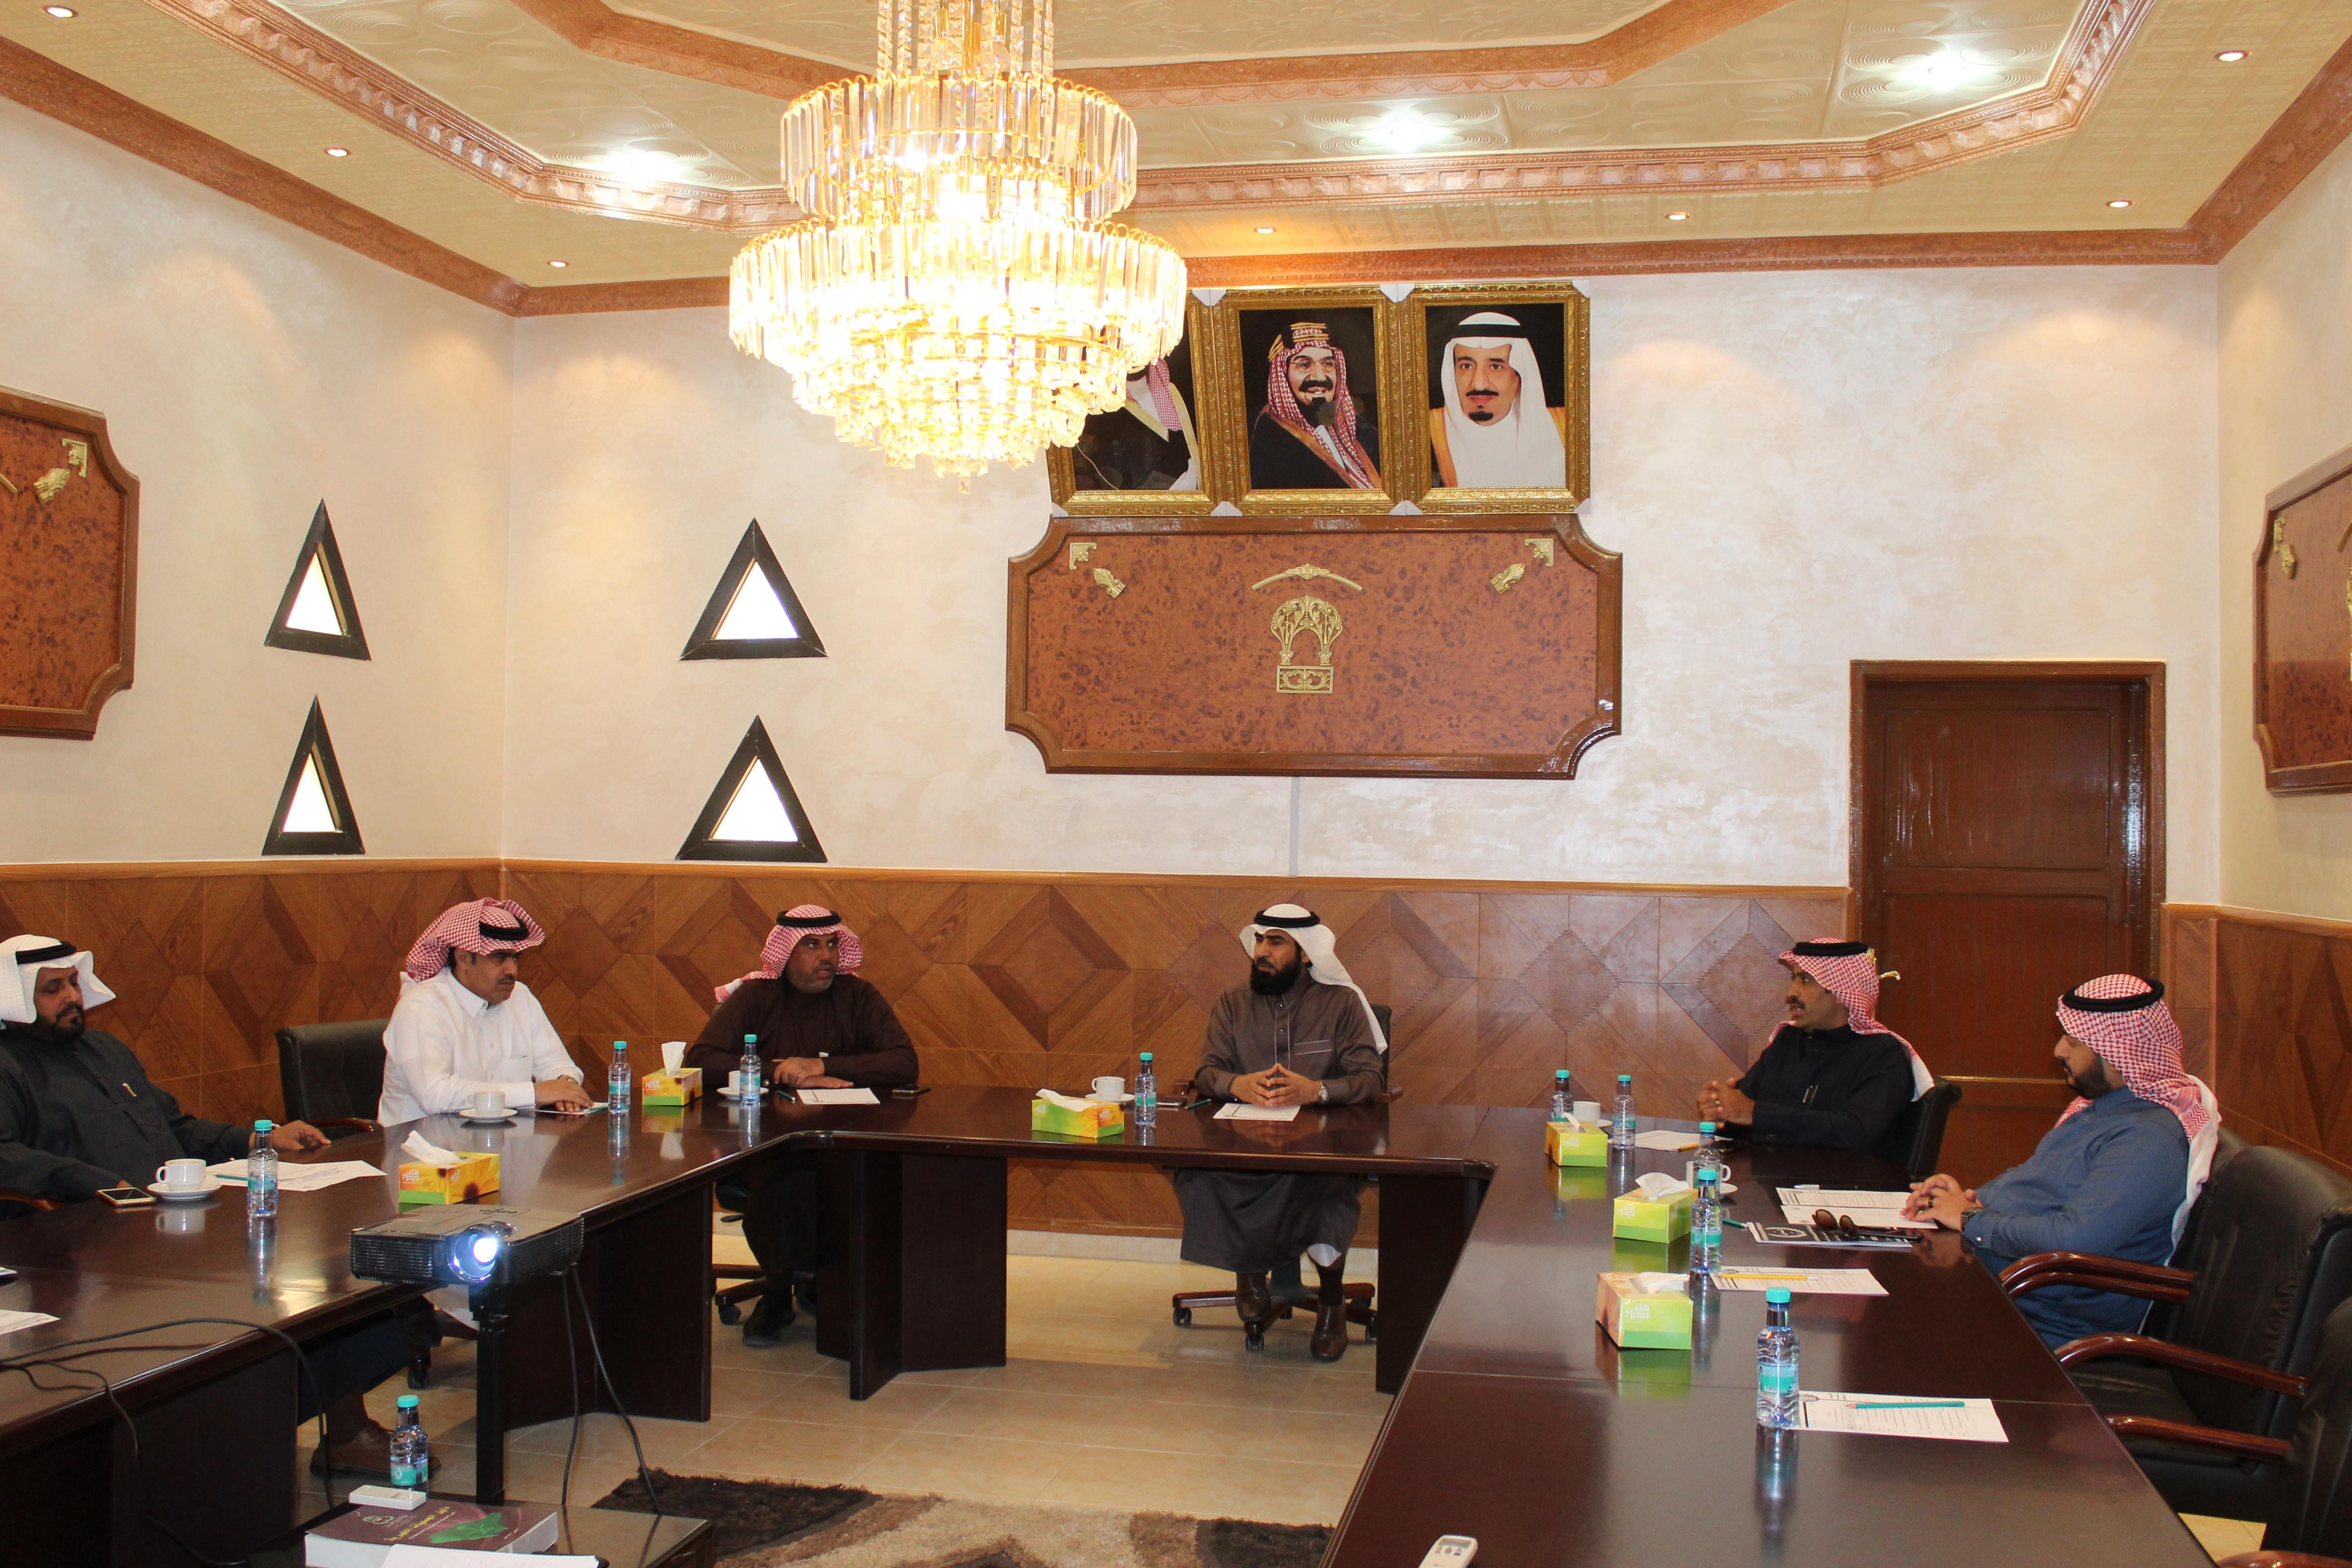 اجتماع مجلس إدارة الغرفة التجارية الصناعية بالقريات السادس عشر